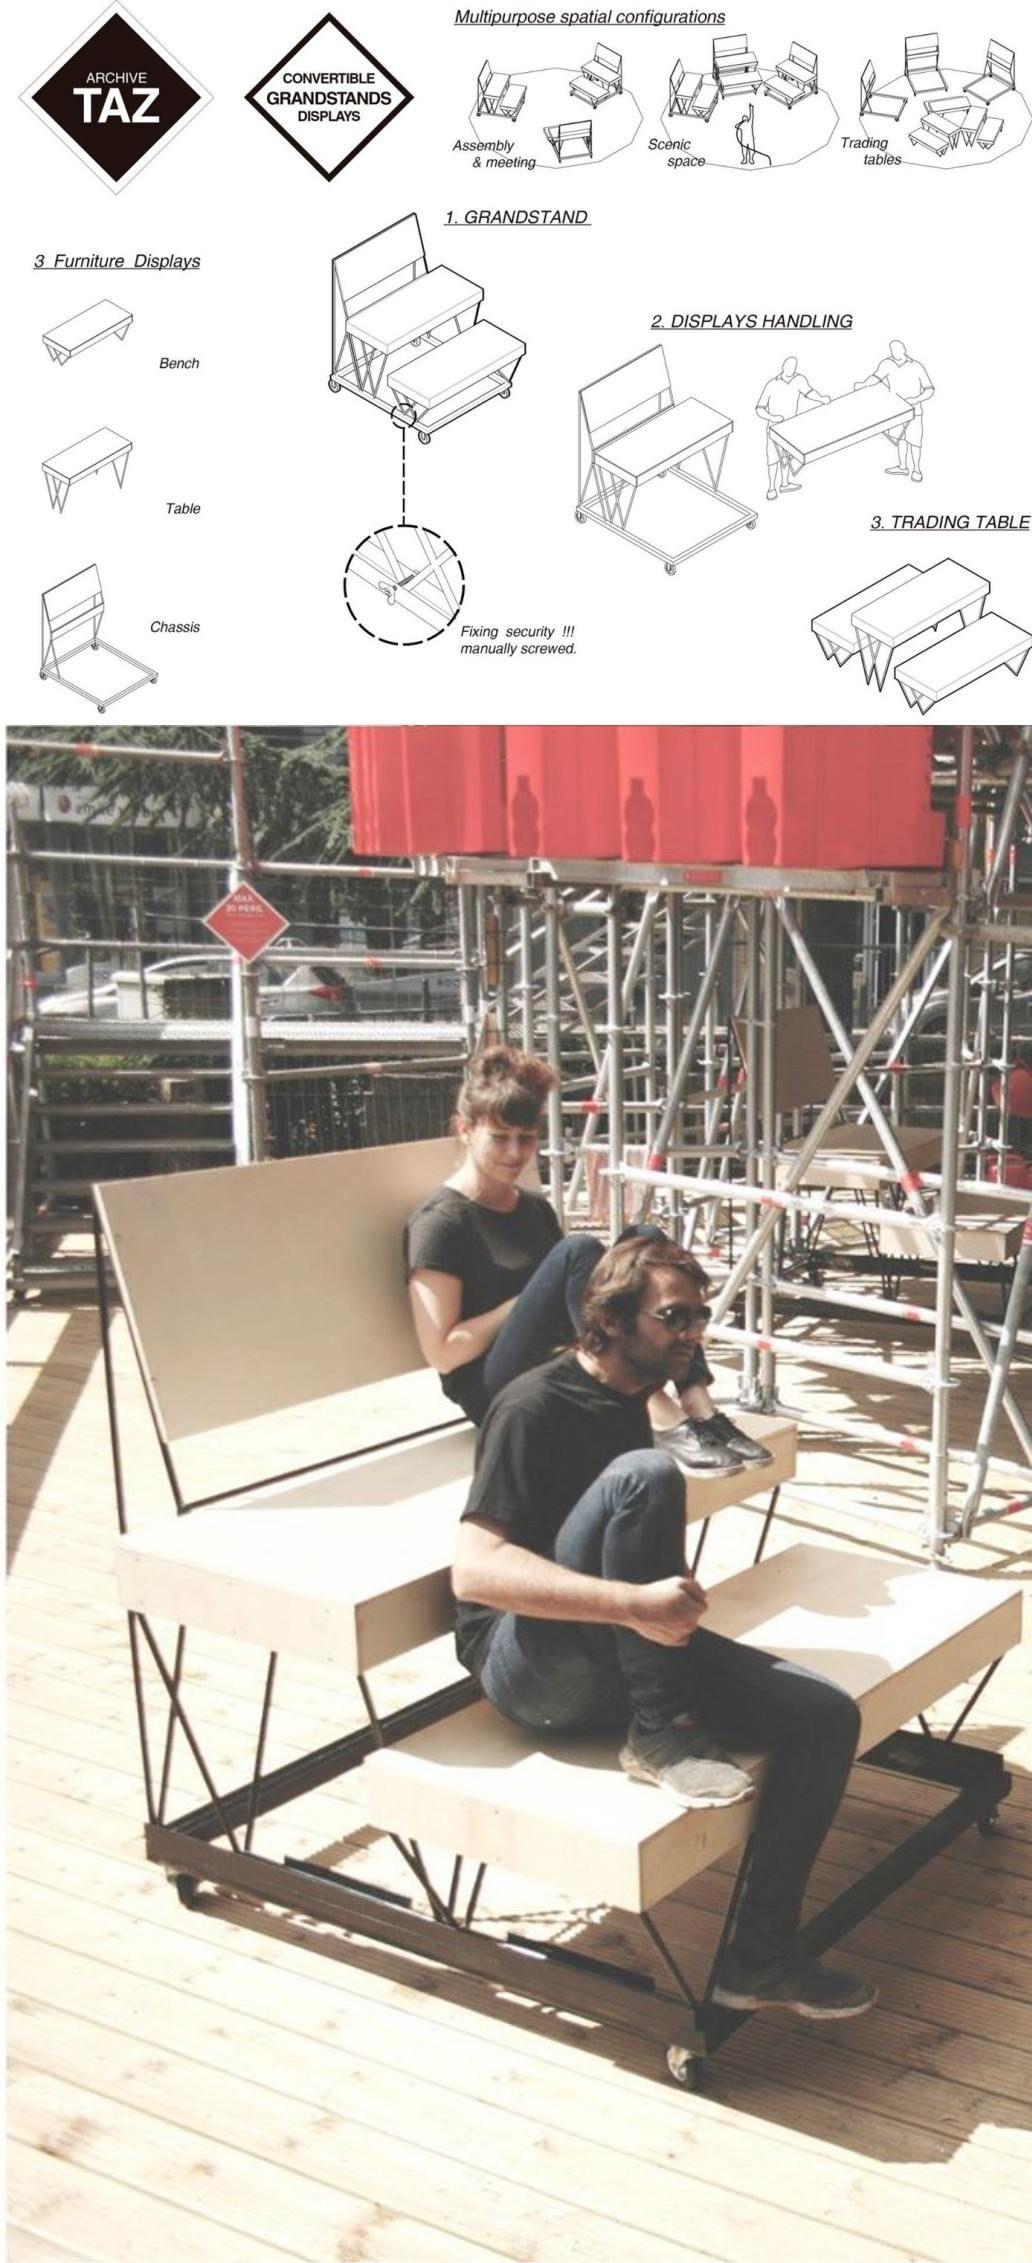 Ingenioso Mobiliario Diy Bancos Fruteros Y Reciclaje # Taz Muebles De Oficina